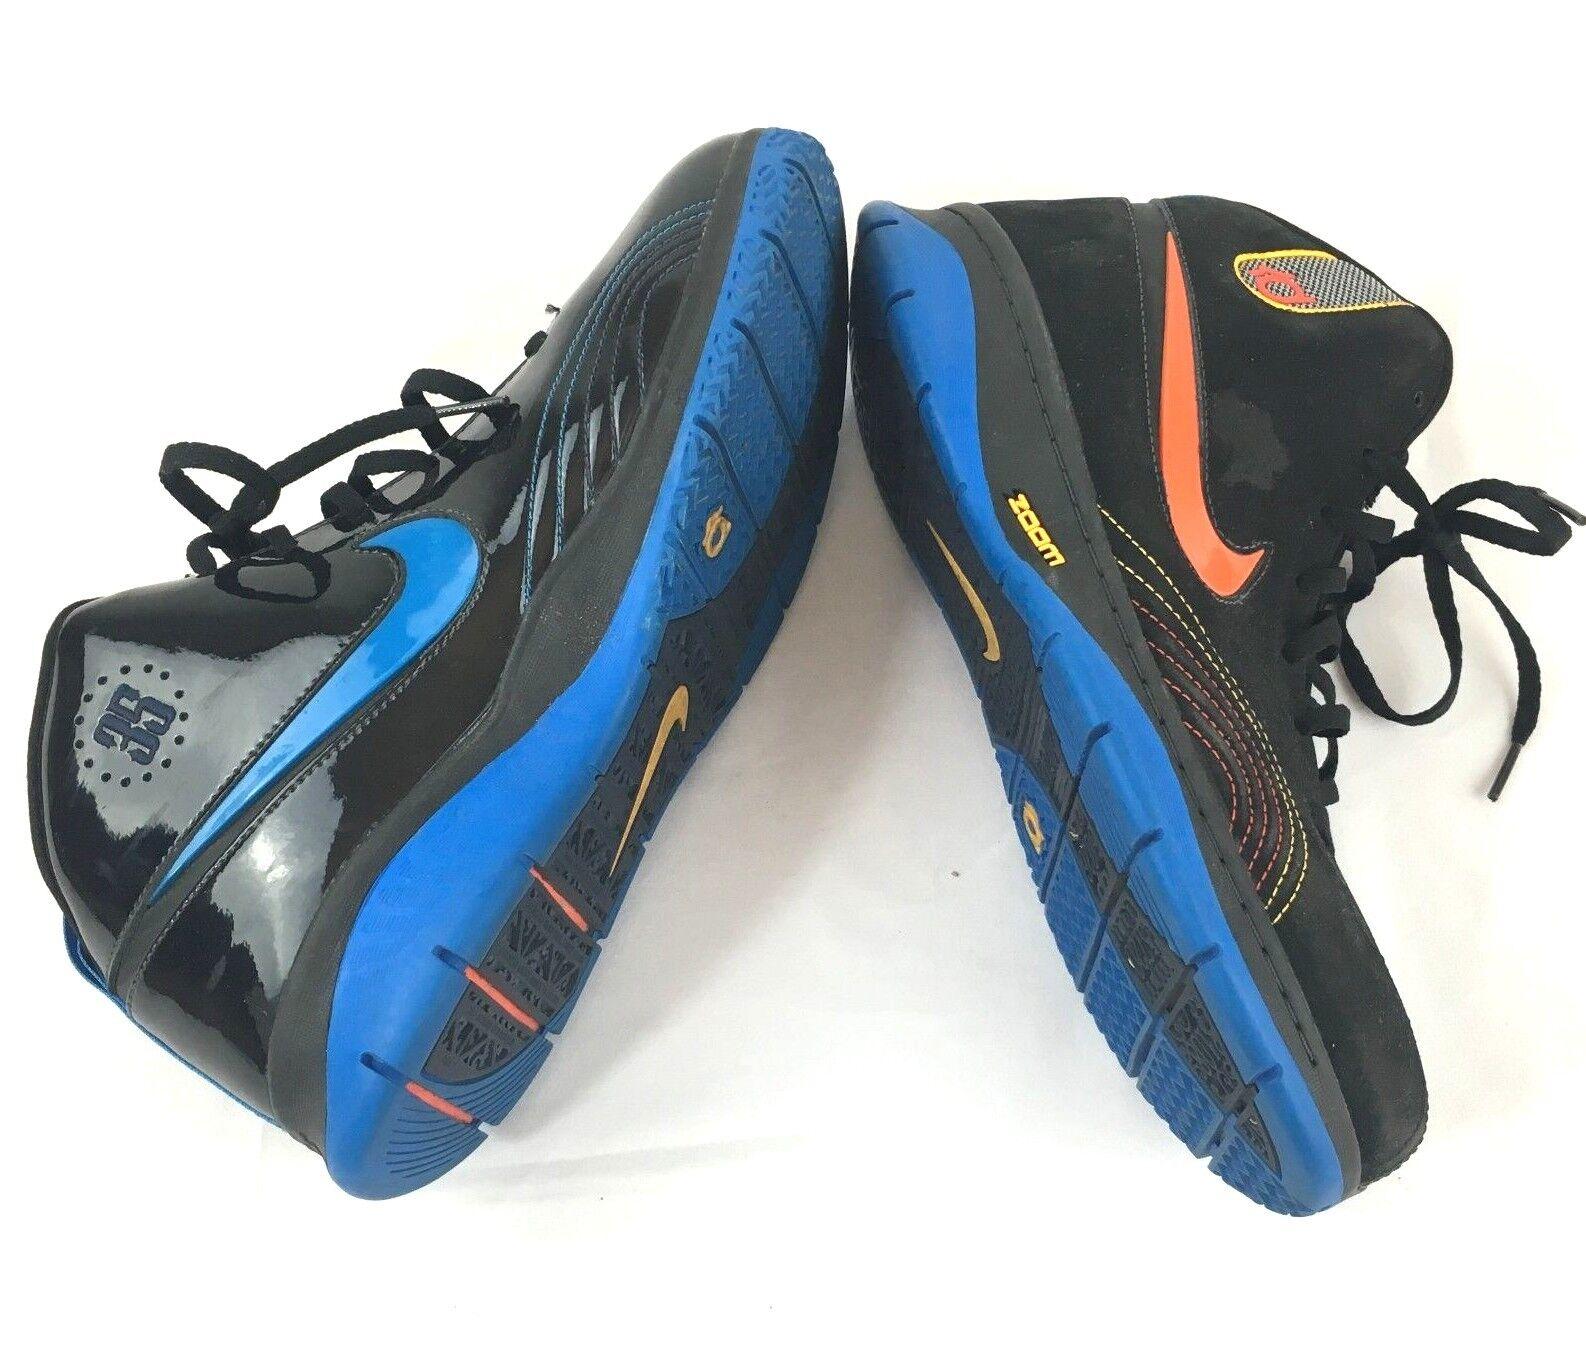 Nike zoom kevin durant okc okc okc ab 35 herren - sportschuhe sz 10 schwarze wildleder - patent e86802